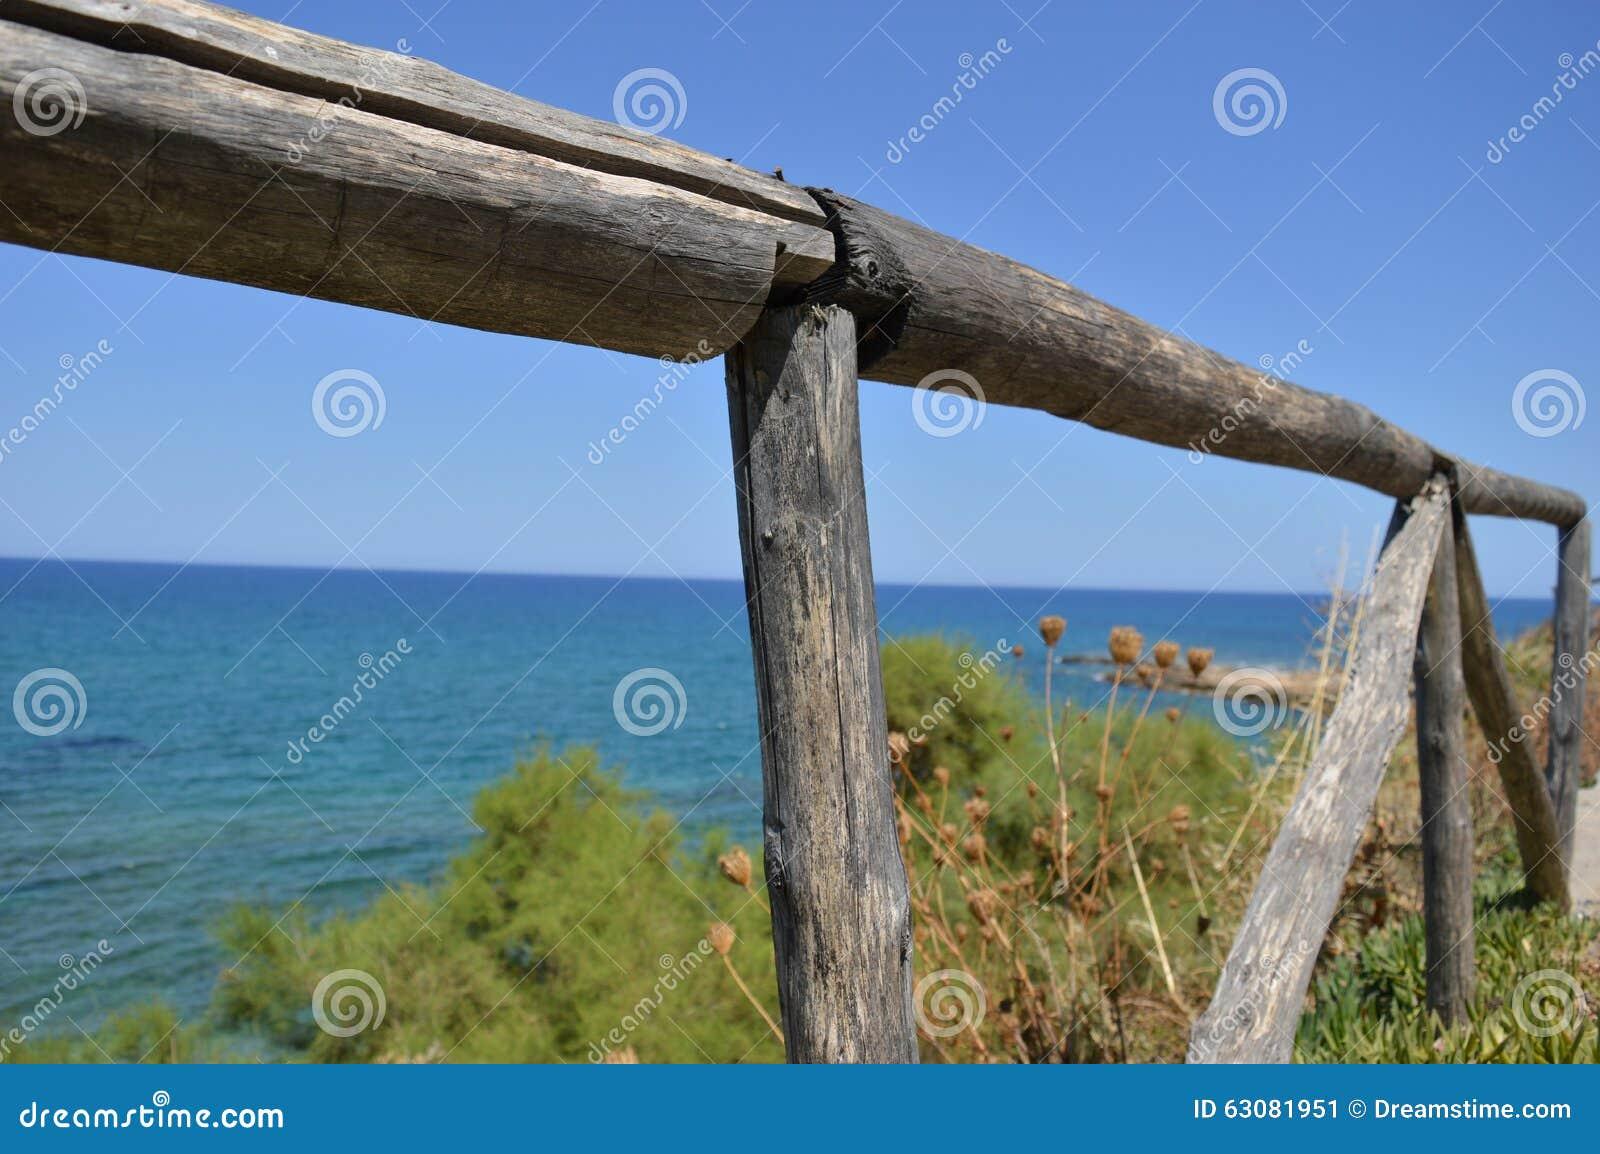 Download Barrière côtière image stock. Image du midi, calme, côtier - 63081951